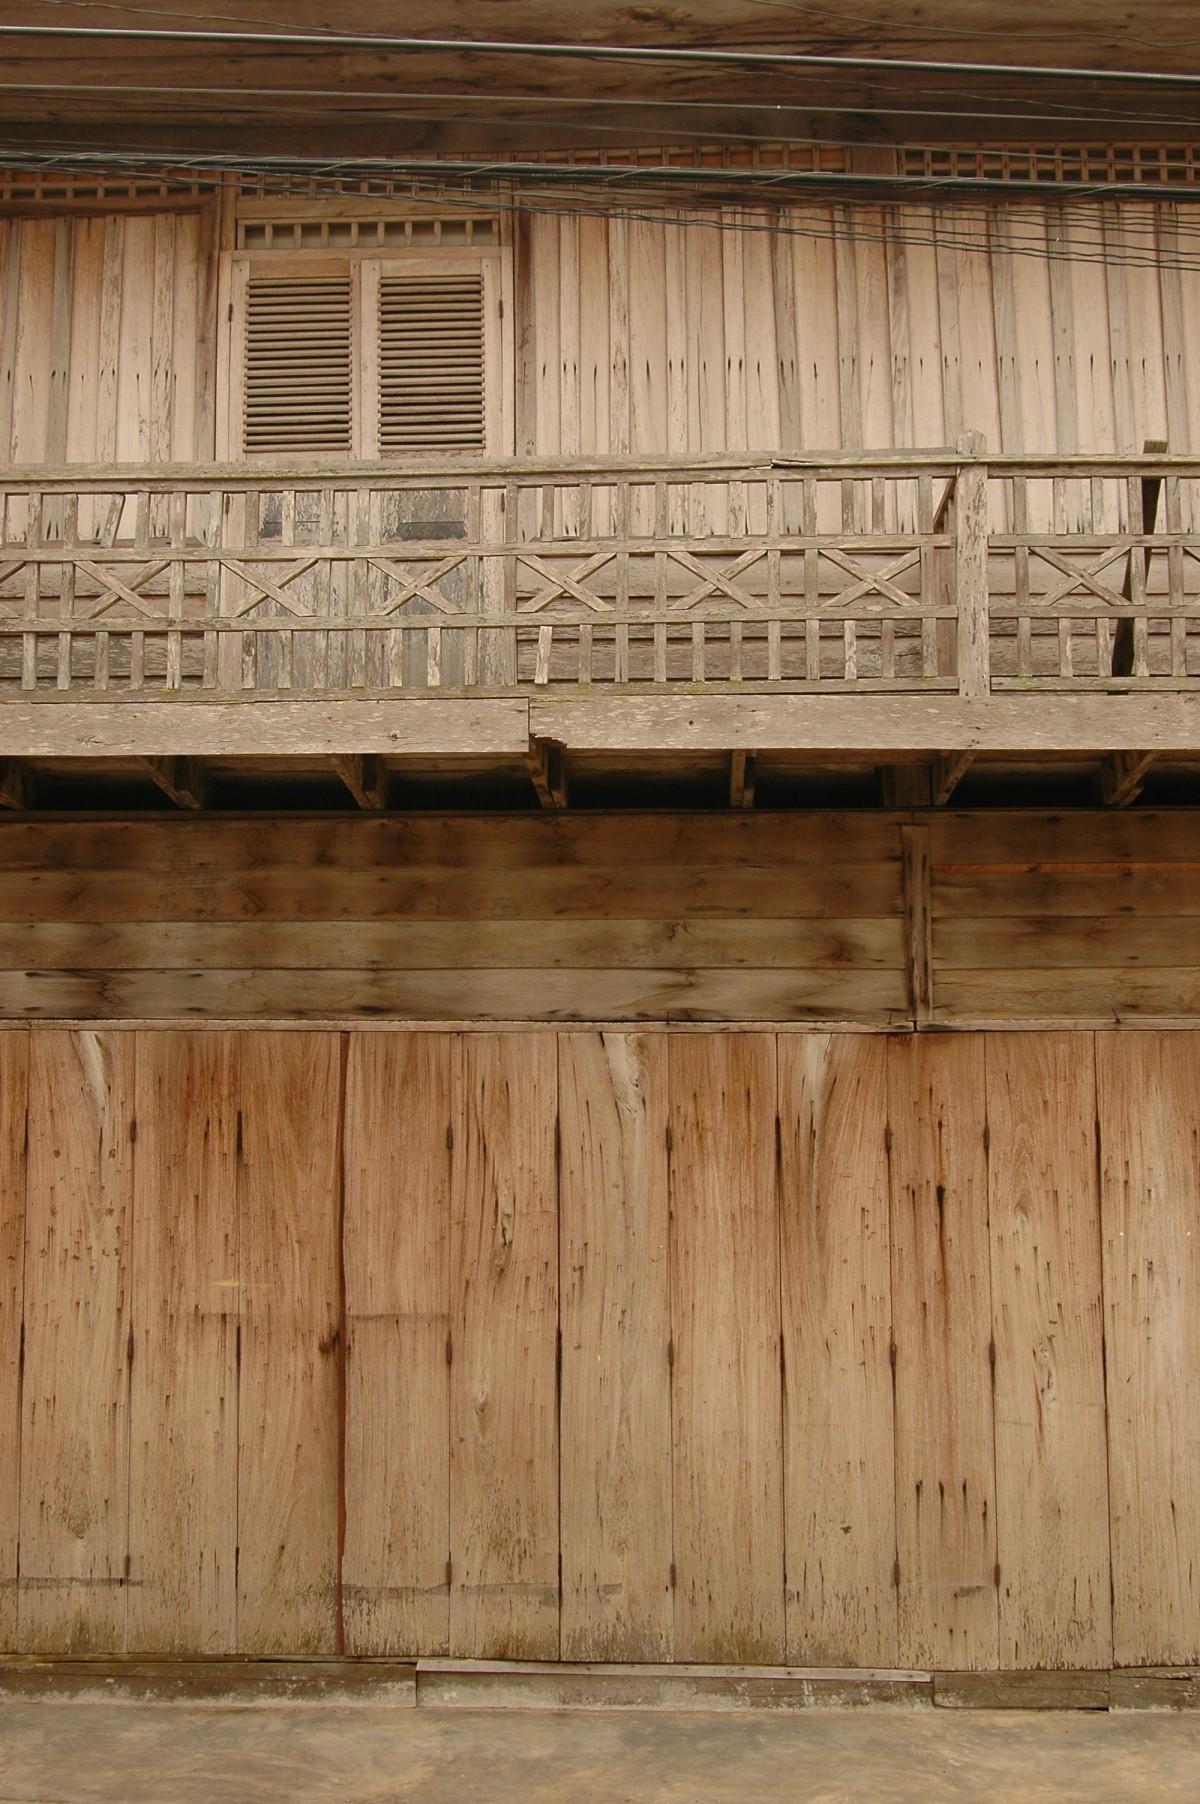 무료 이미지 : 건축물, 목재, 화이트, 집, 창문, 늙은, 시티, 벽 ...